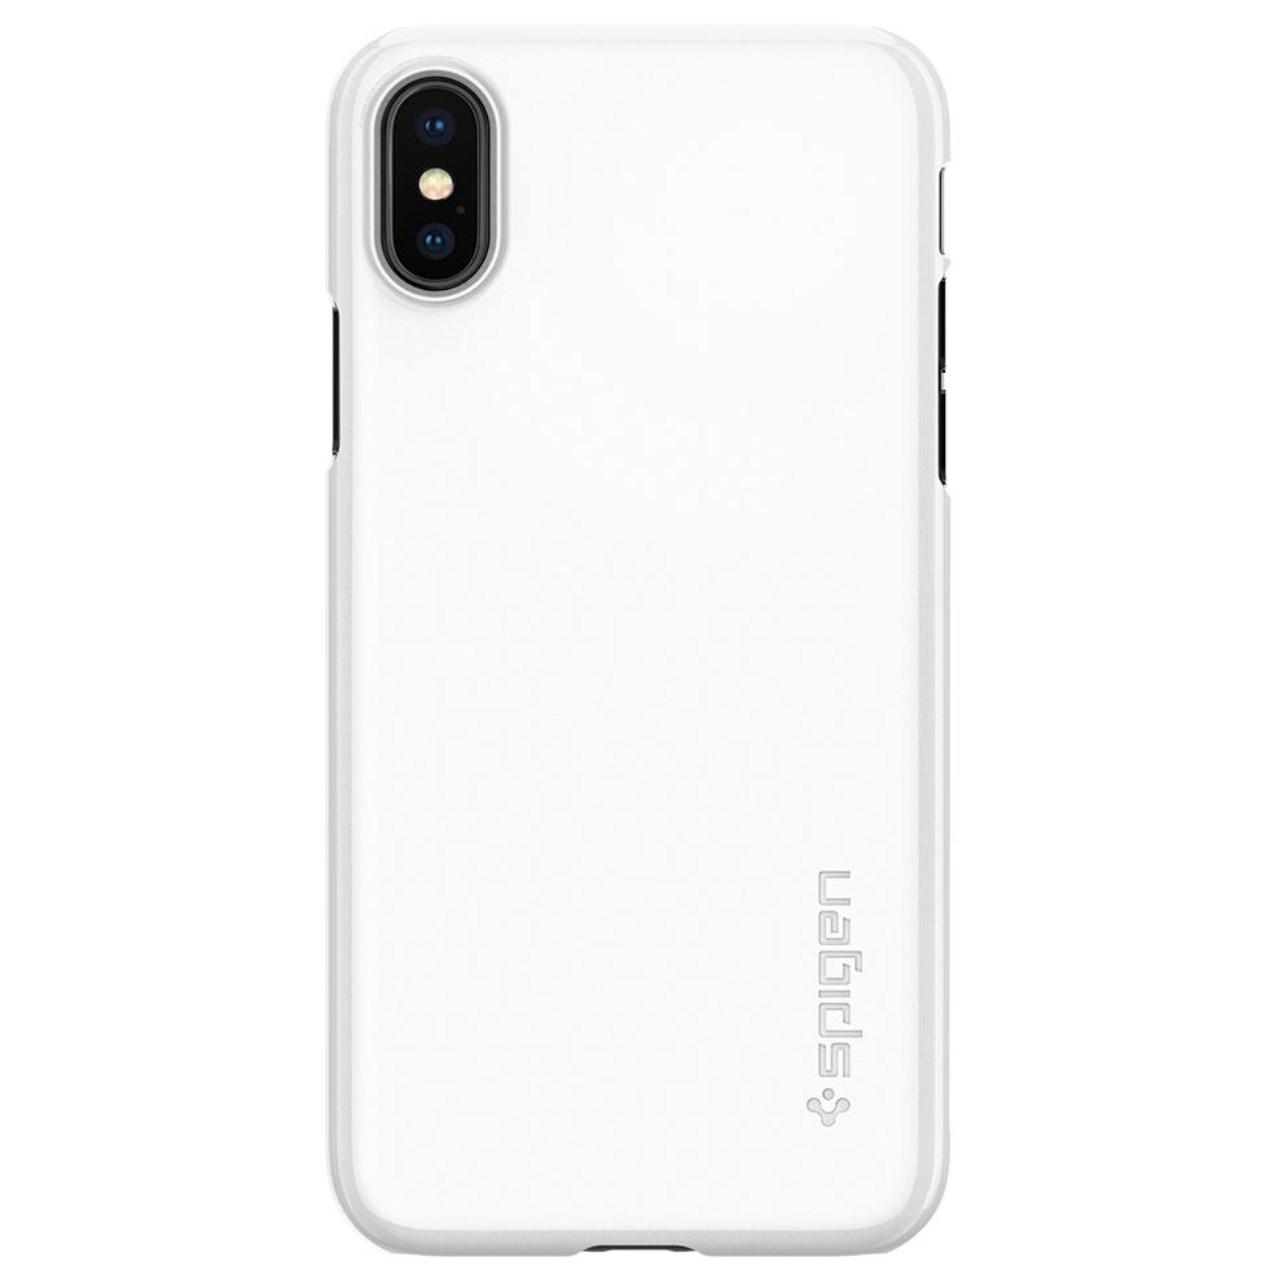 بررسی و {خرید با تخفیف} کاور اسپیگن مدل Case Thin Fit مناسب برای گوشی موبایل اپل iPhone X اصل